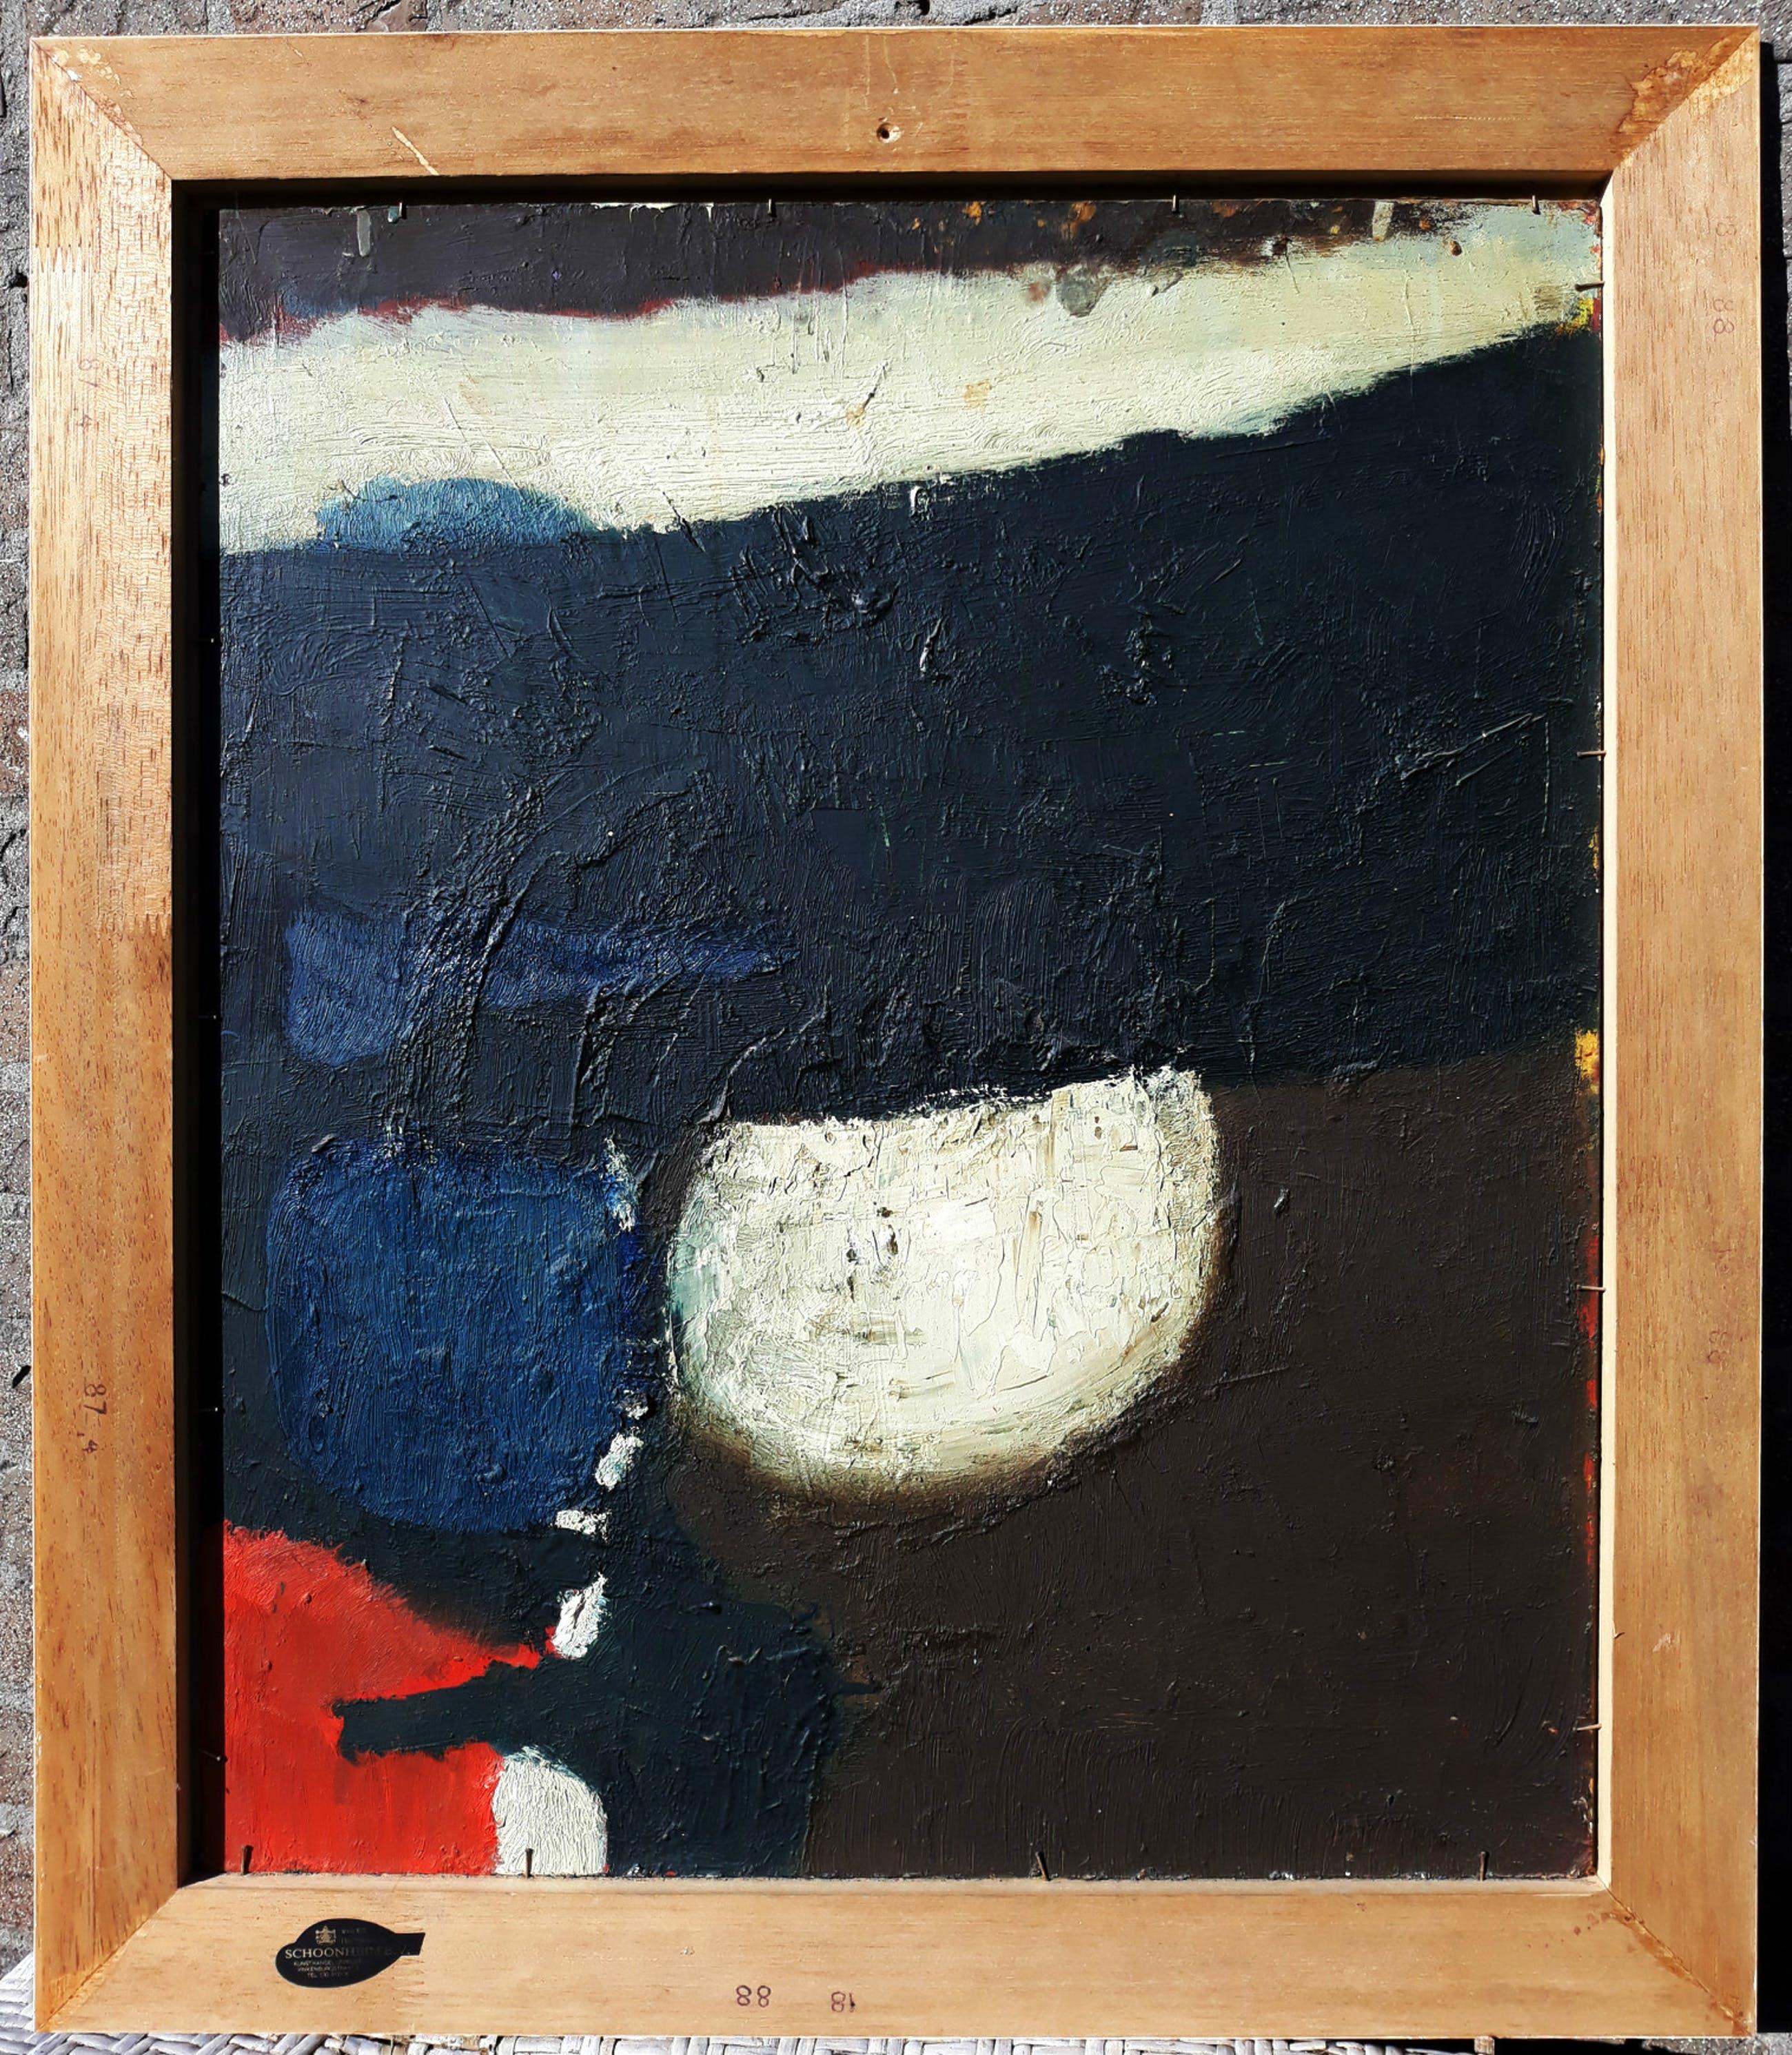 Gerard Grassere - Abstracte compositie, olieverf op board (tweemaal, netjes ingelijst) kopen? Bied vanaf 295!